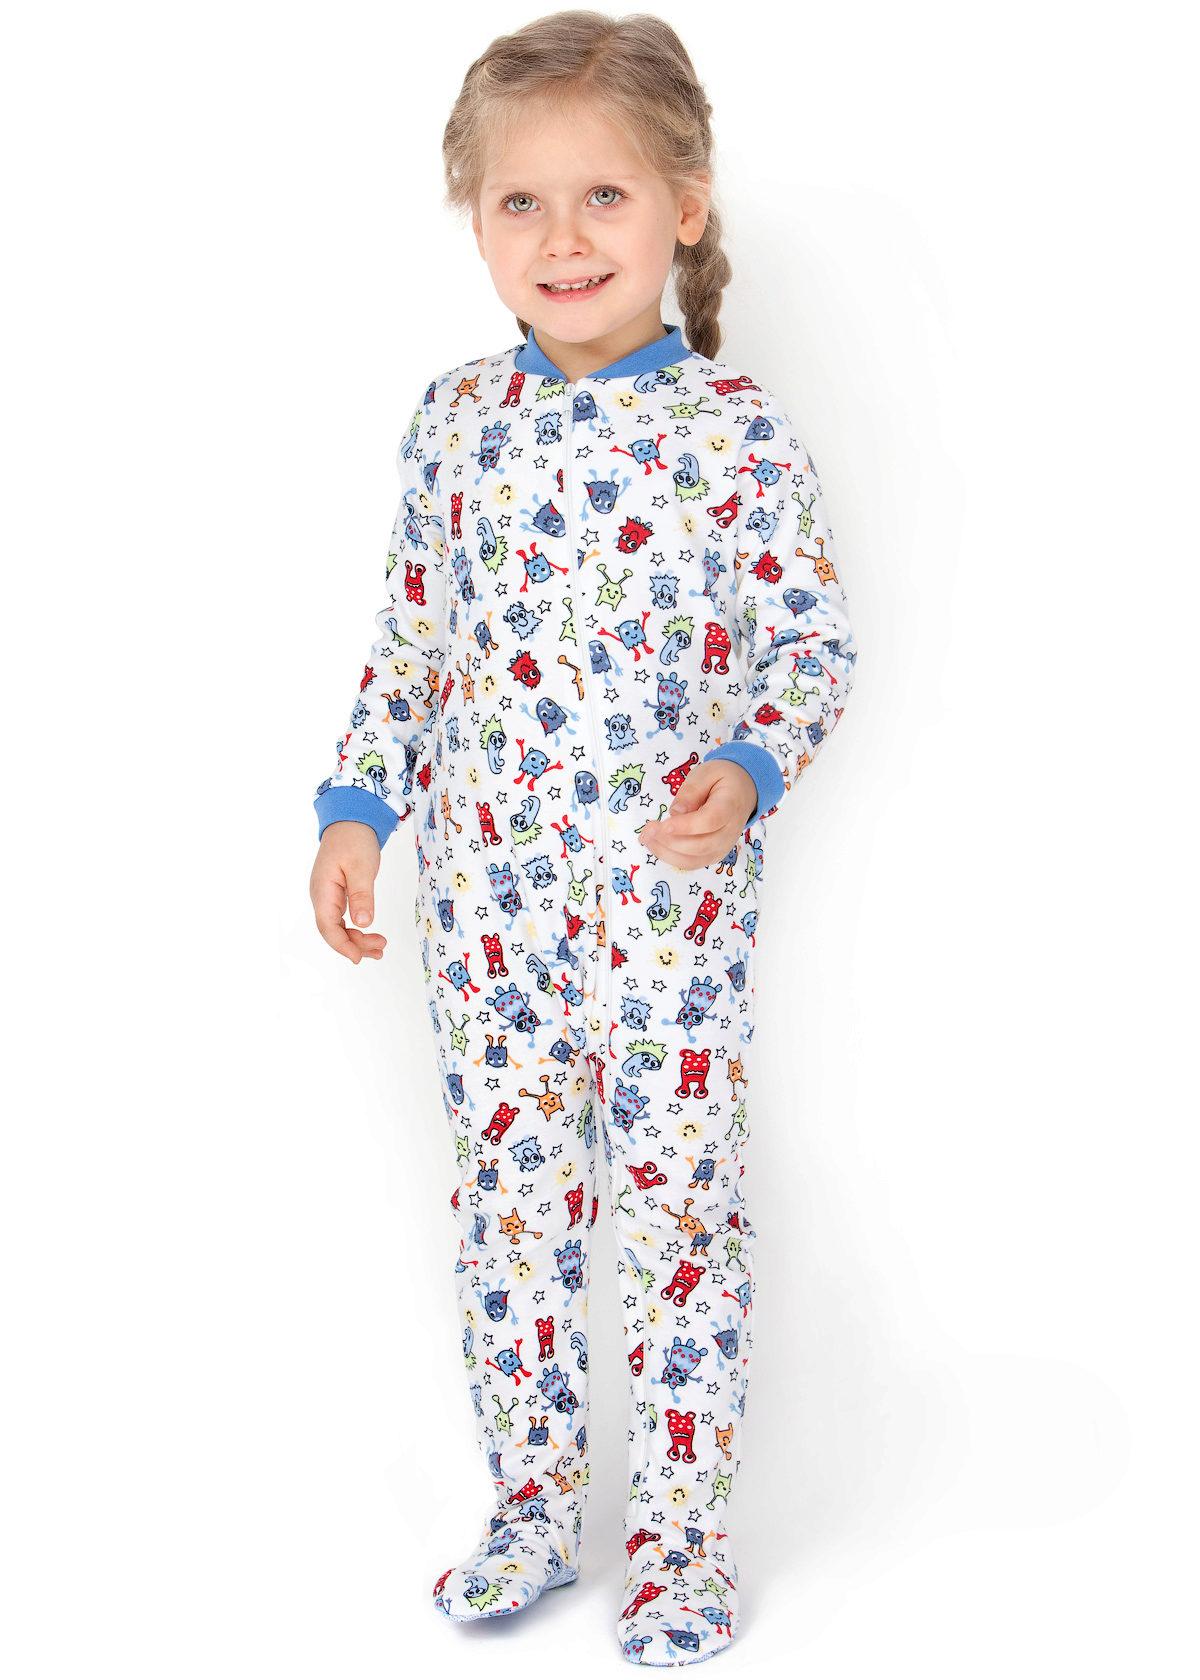 111e1bbc80ef8 Теплая детская пижама для девочки (56 фото): с начесом, утепленная,  махровая, для девочки-подростка